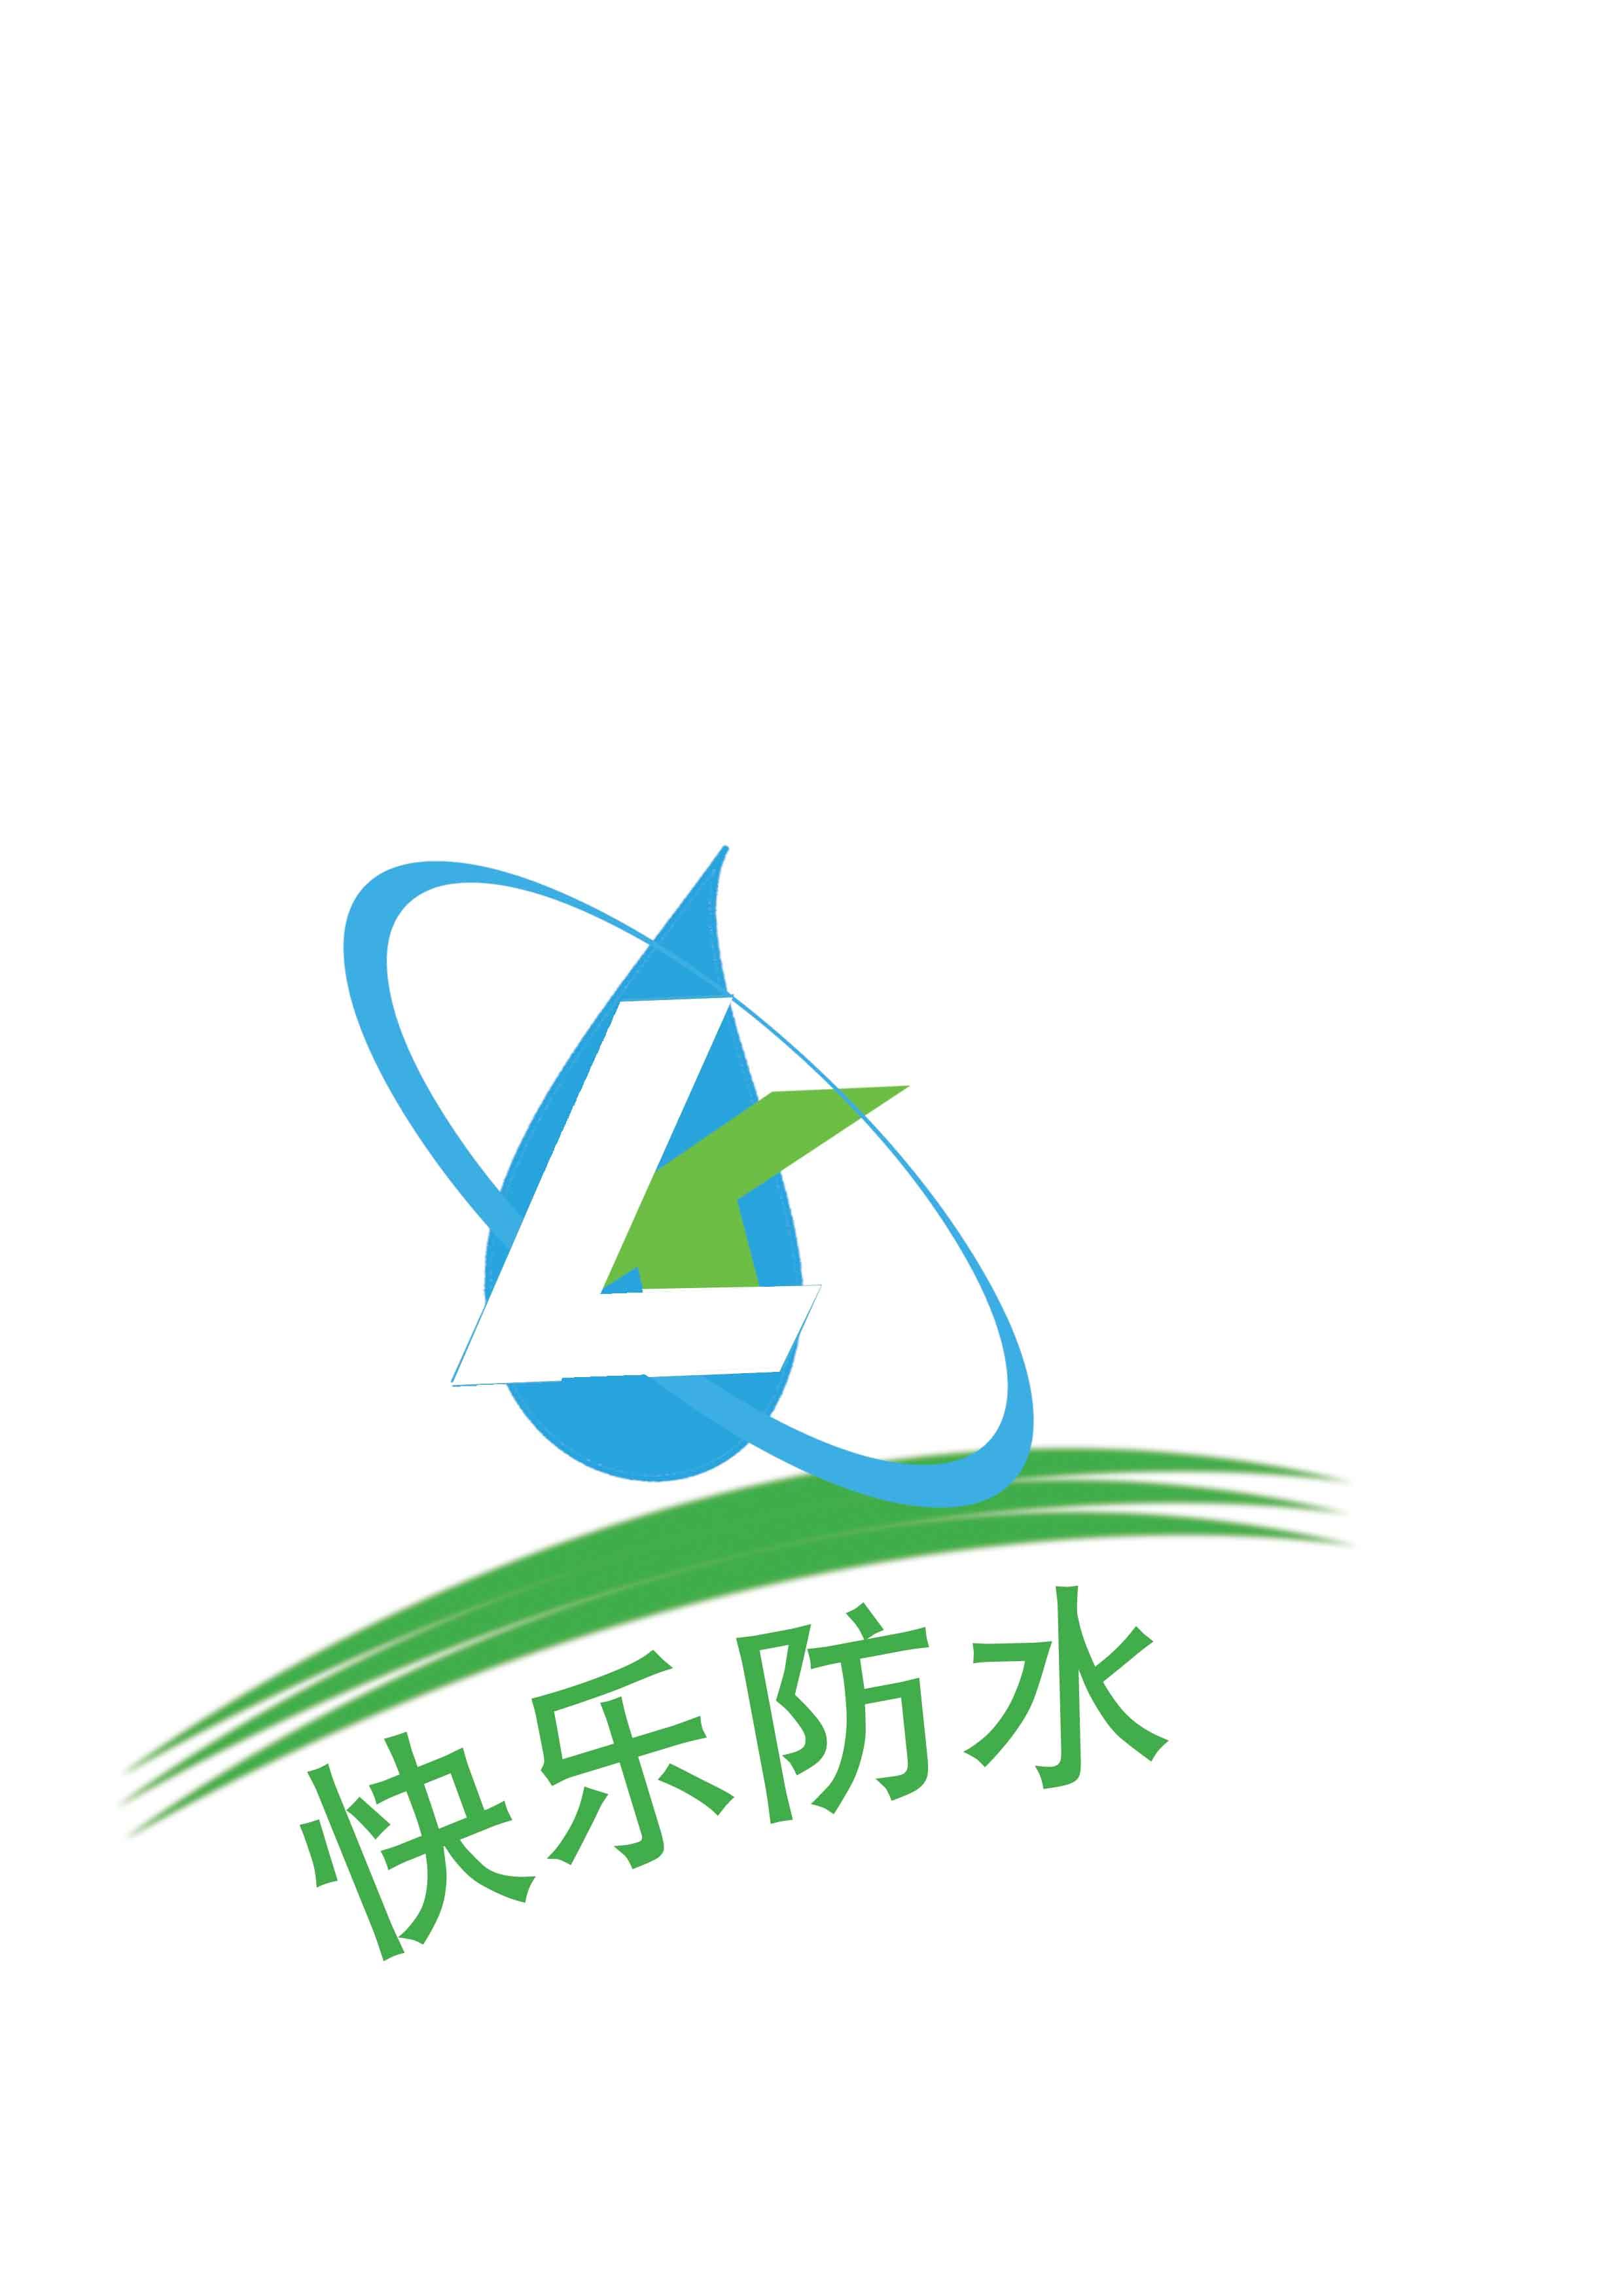 快乐防水工程公司logo设计